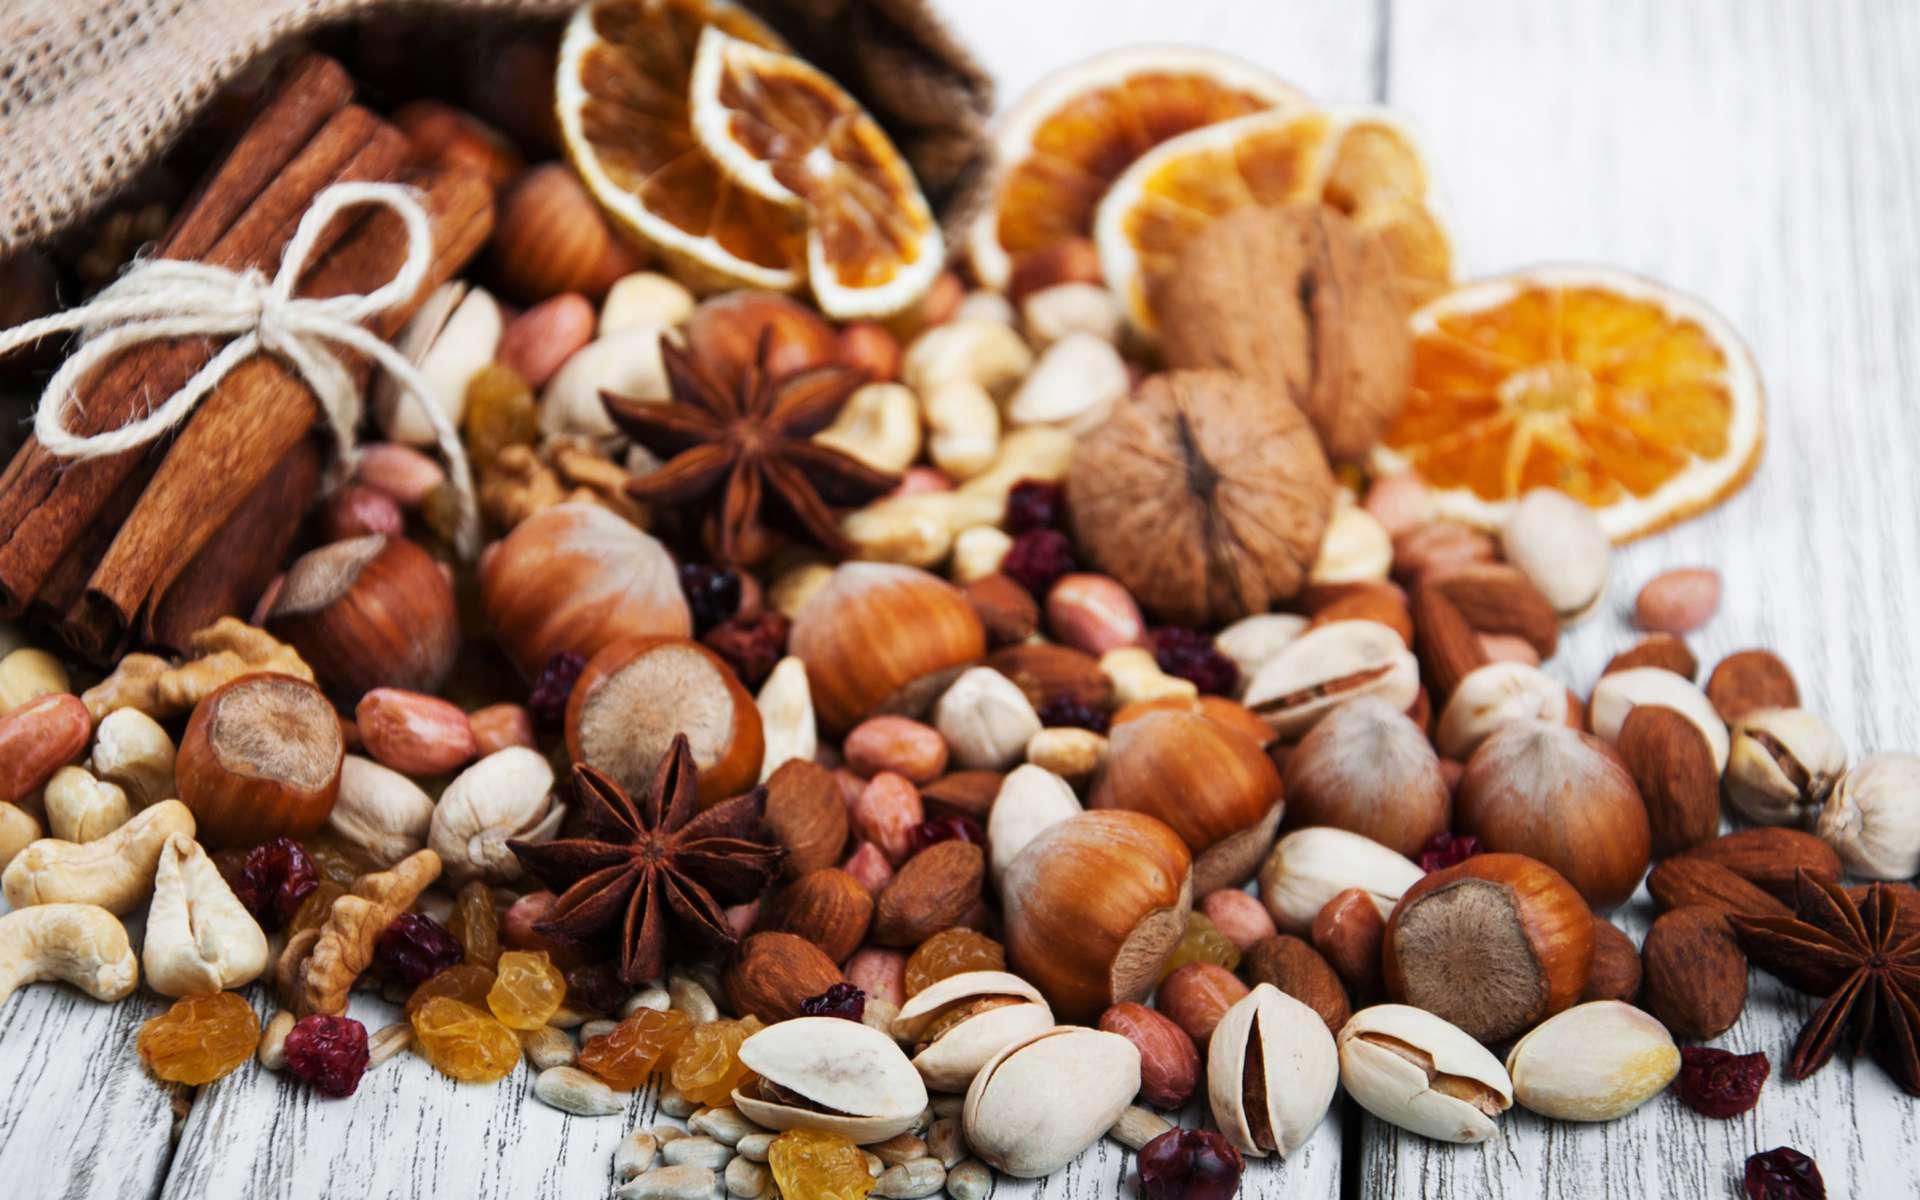 D'après une étude, les personnes qui consomment des noix deux fois ou plus par semaine présentent un risque de décès cardiaque réduit de 17 %. © Almaje / IStock.com